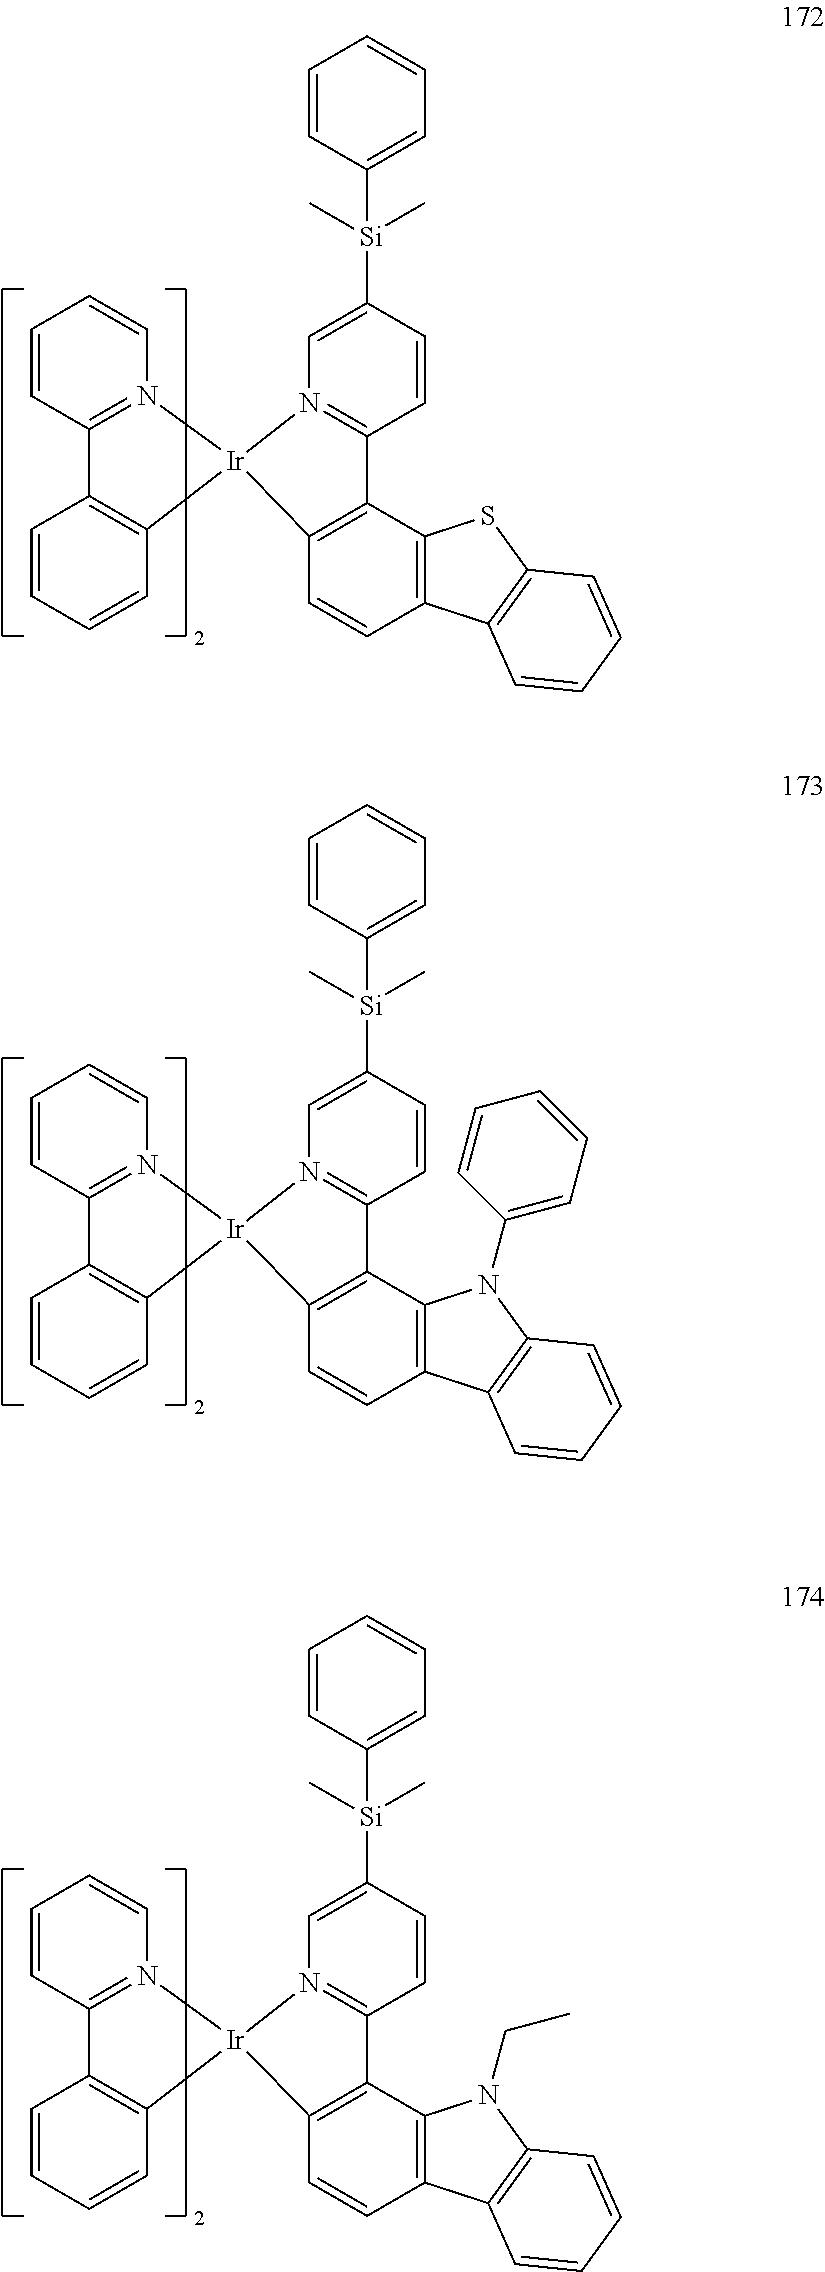 Figure US20160155962A1-20160602-C00378